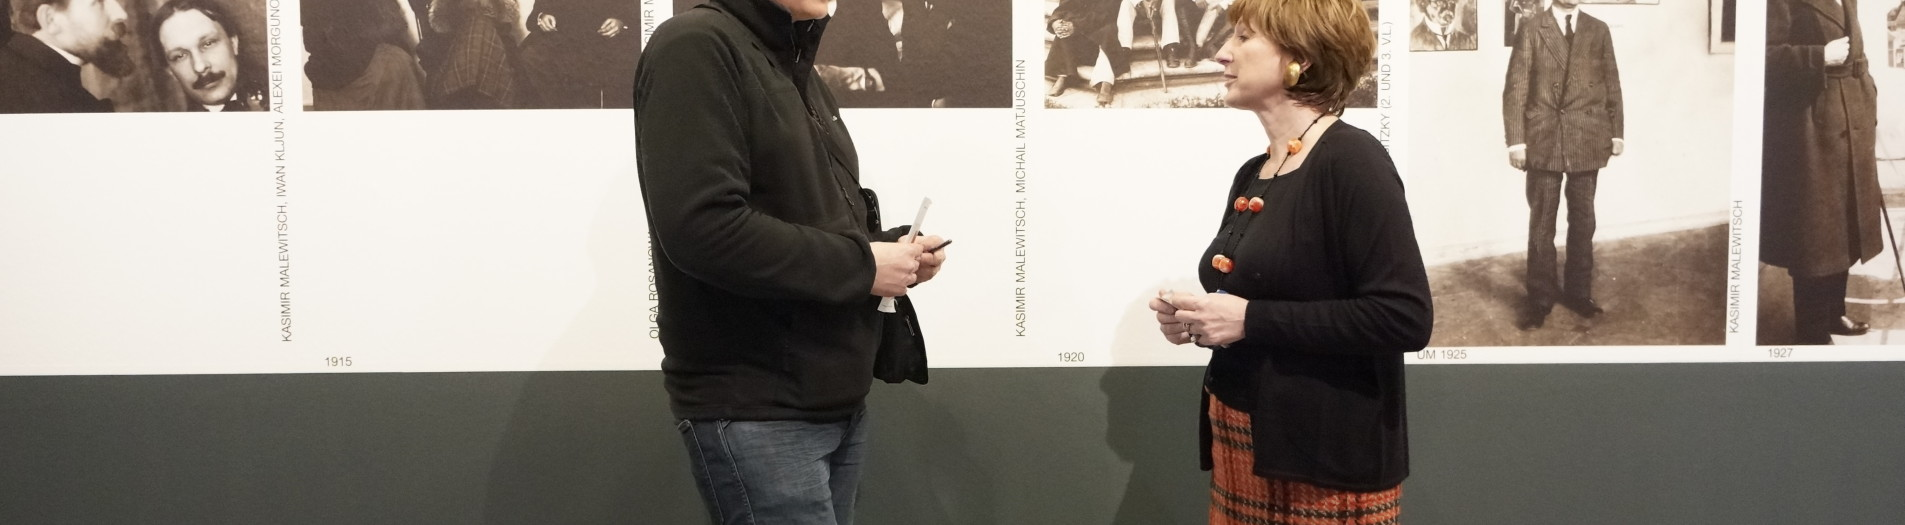 Bonn. 25.03.2014. KASIMIR MALEWITSCH und die russische Avantgarde